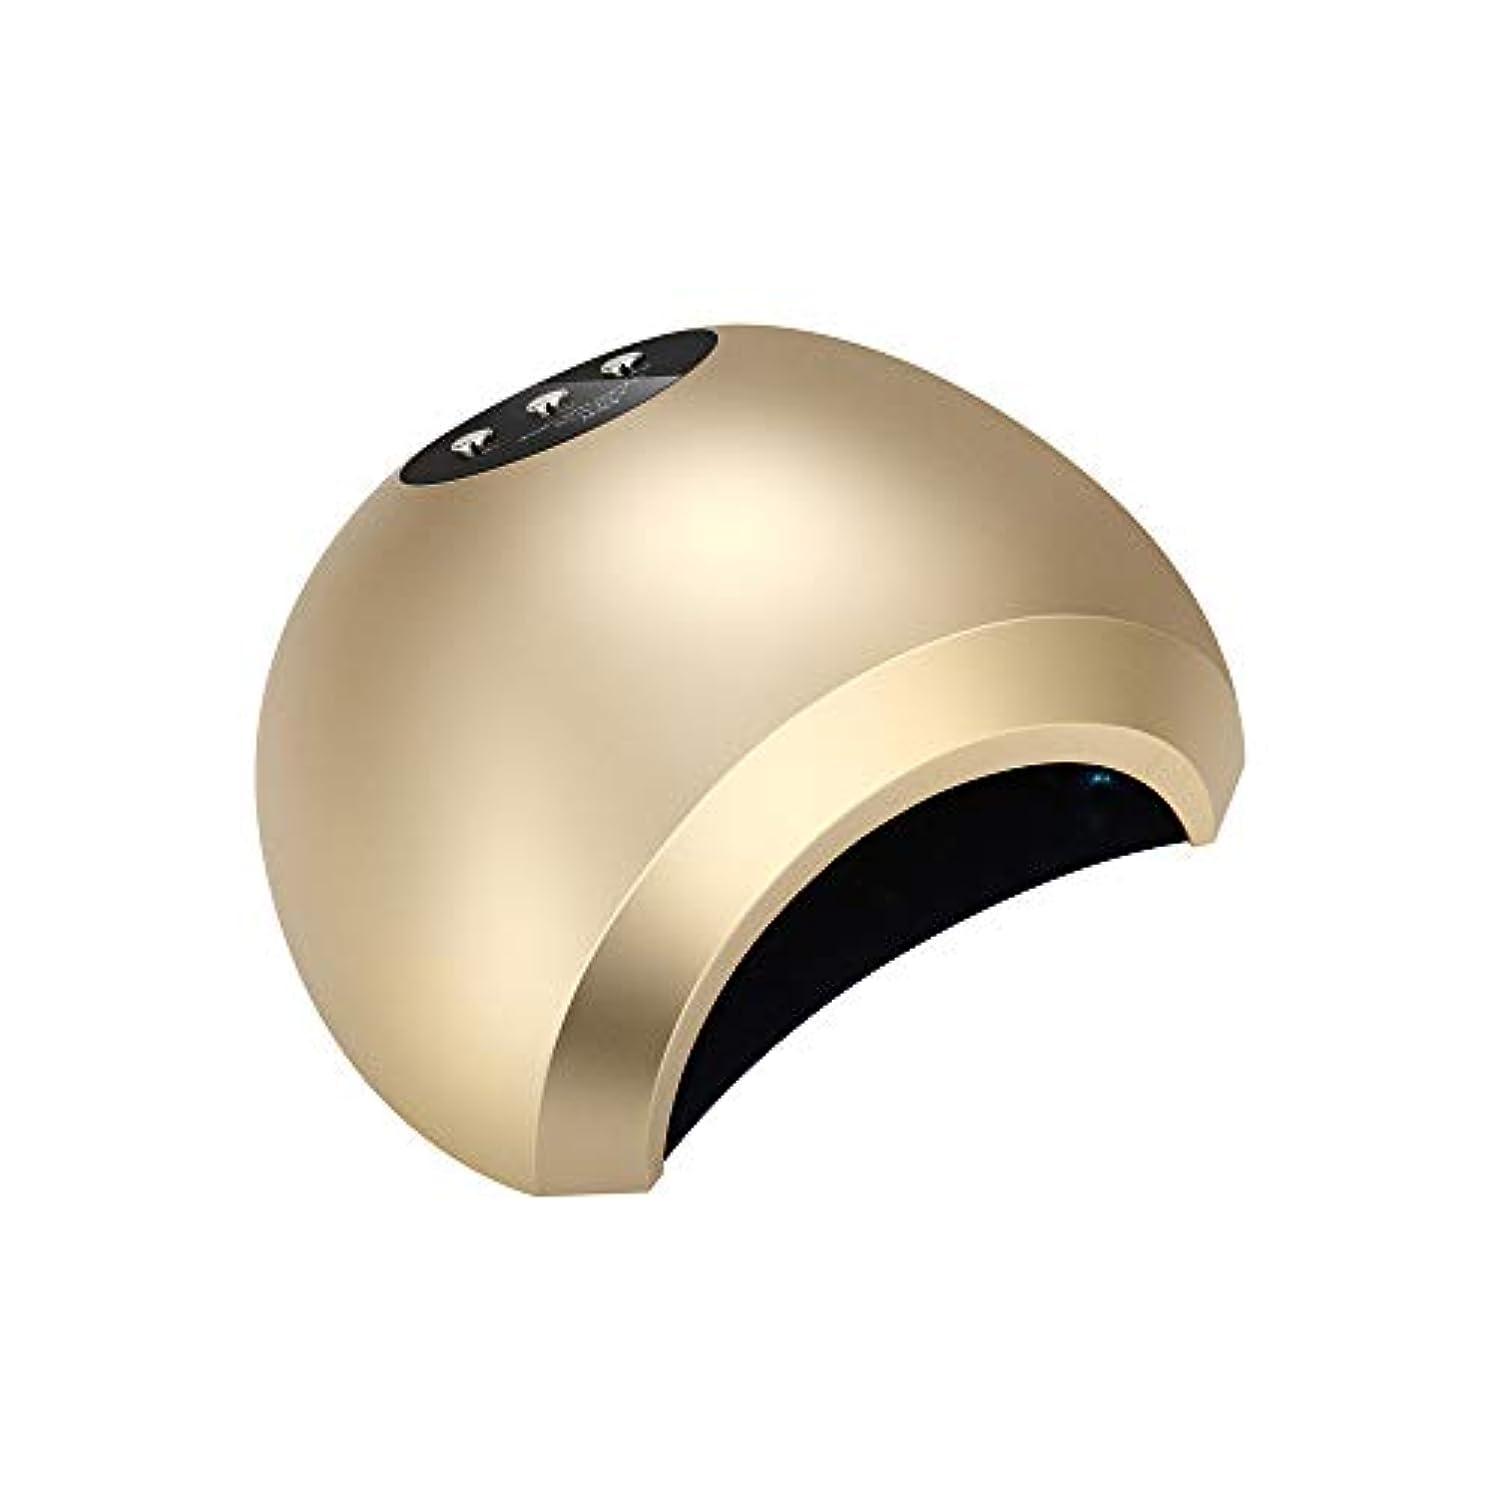 自伝うなずく救出48Wインテリジェント誘導デュアル光源放熱無痛速乾性光線療法ランプネイルポリッシュグルーライト速乾性ドライヤーネイルポリッシュUVランプ